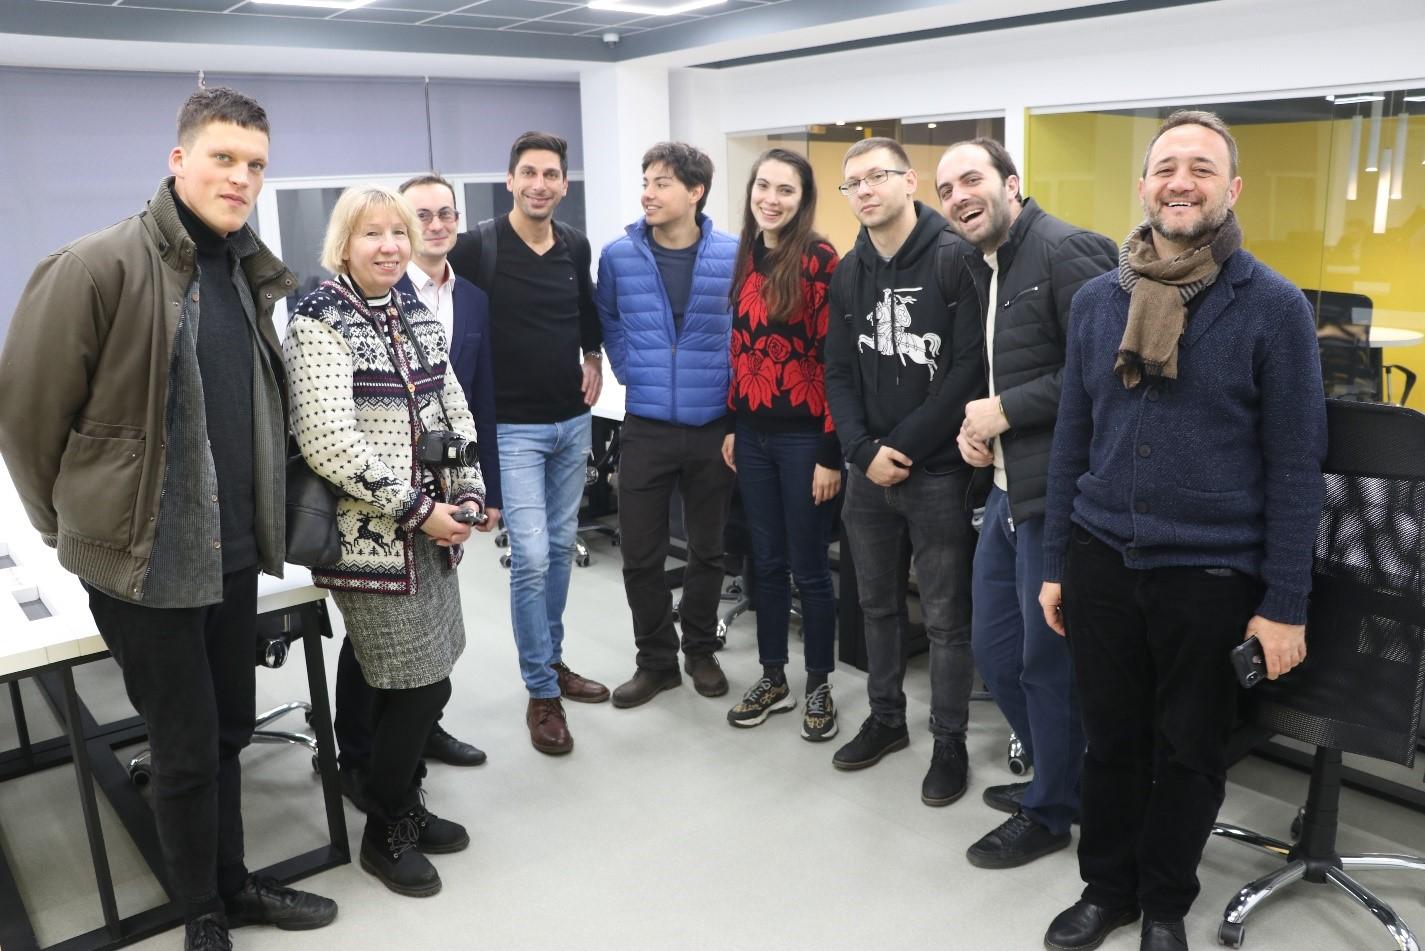 Ще одна група закордонних журналістів ознайомилася з реаліями українського життя